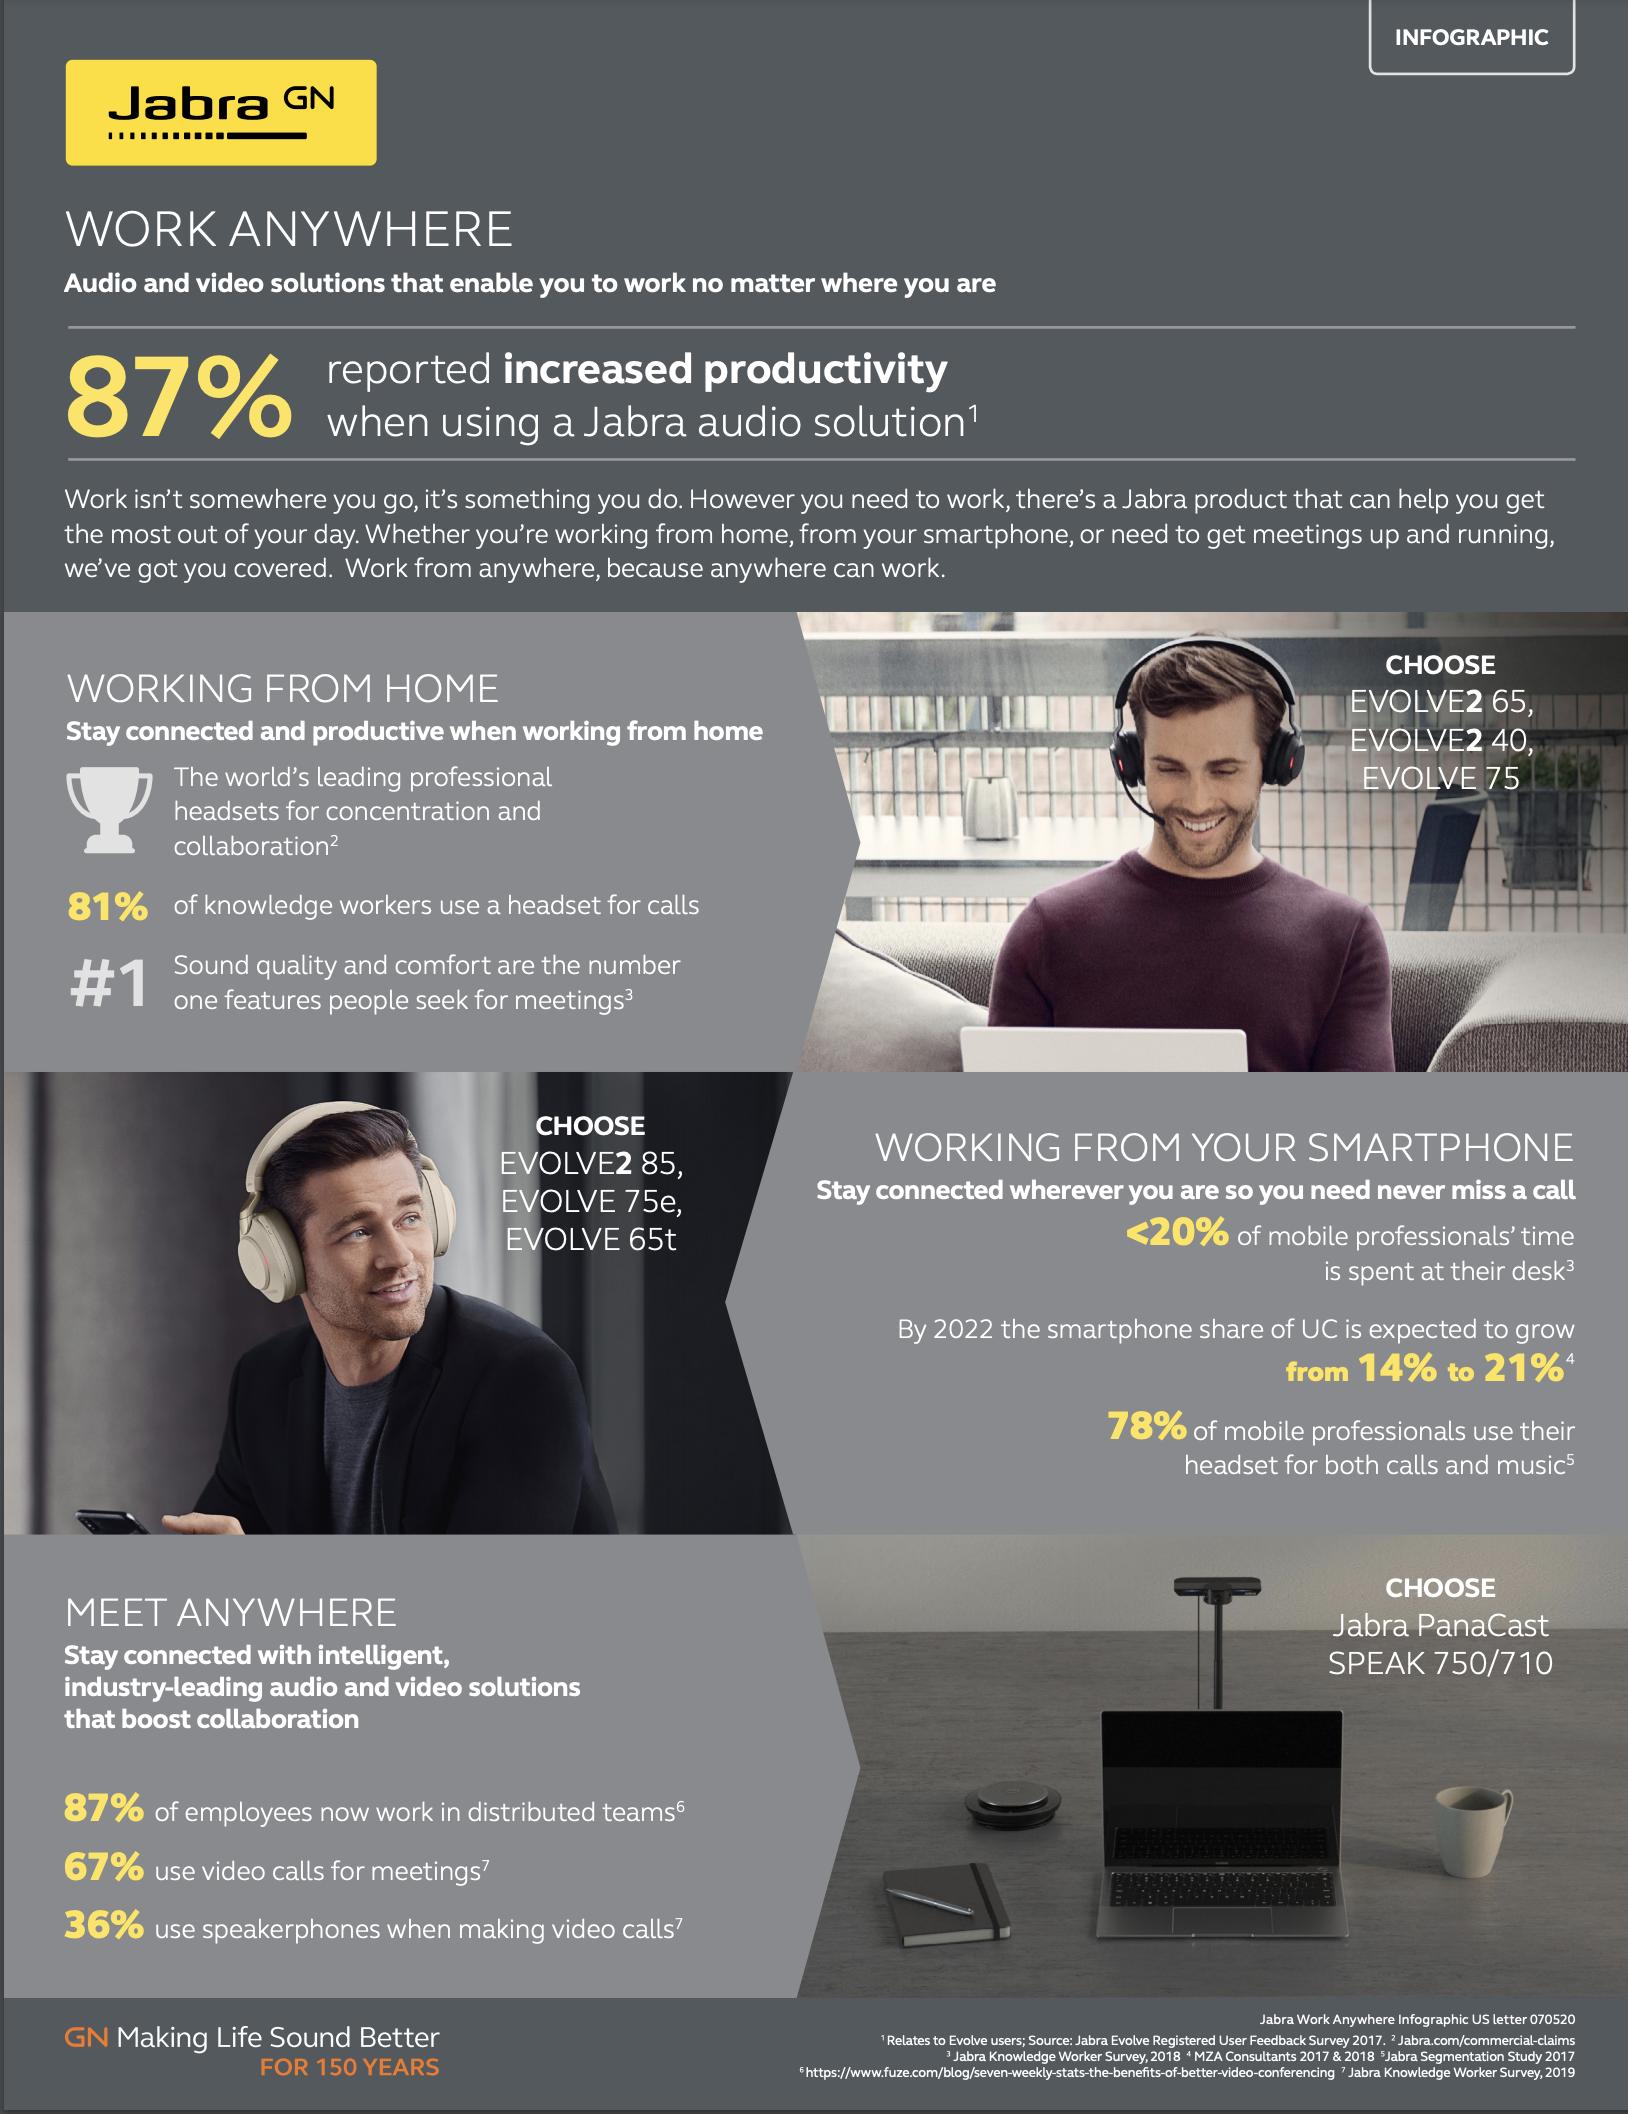 Jabra work anywhere infographic